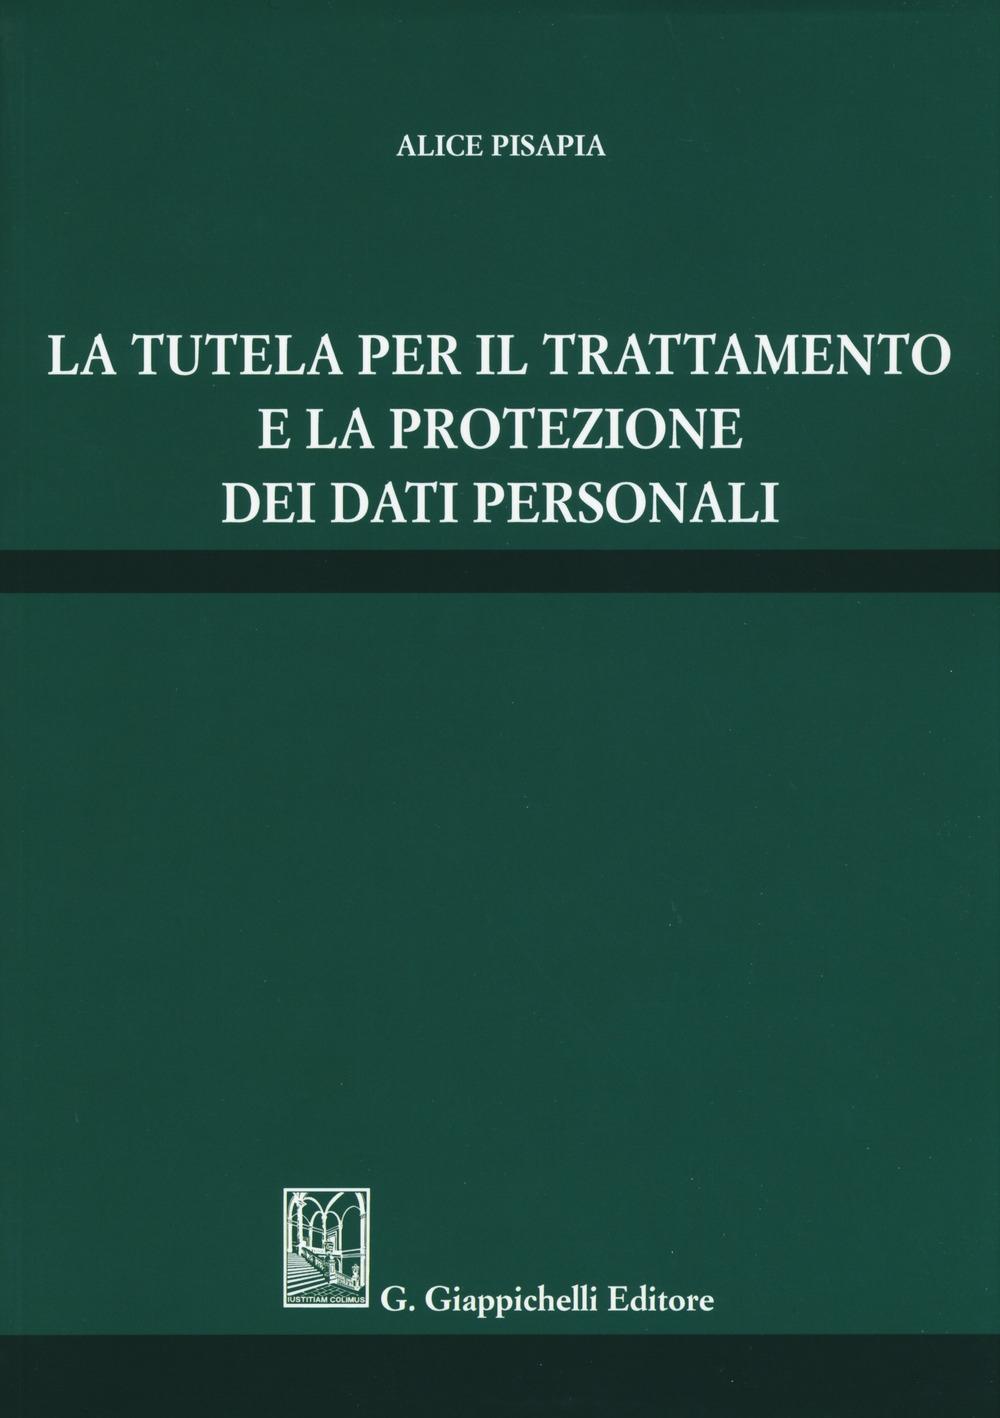 La tutela per il trattamento e la protezione dei dati personali